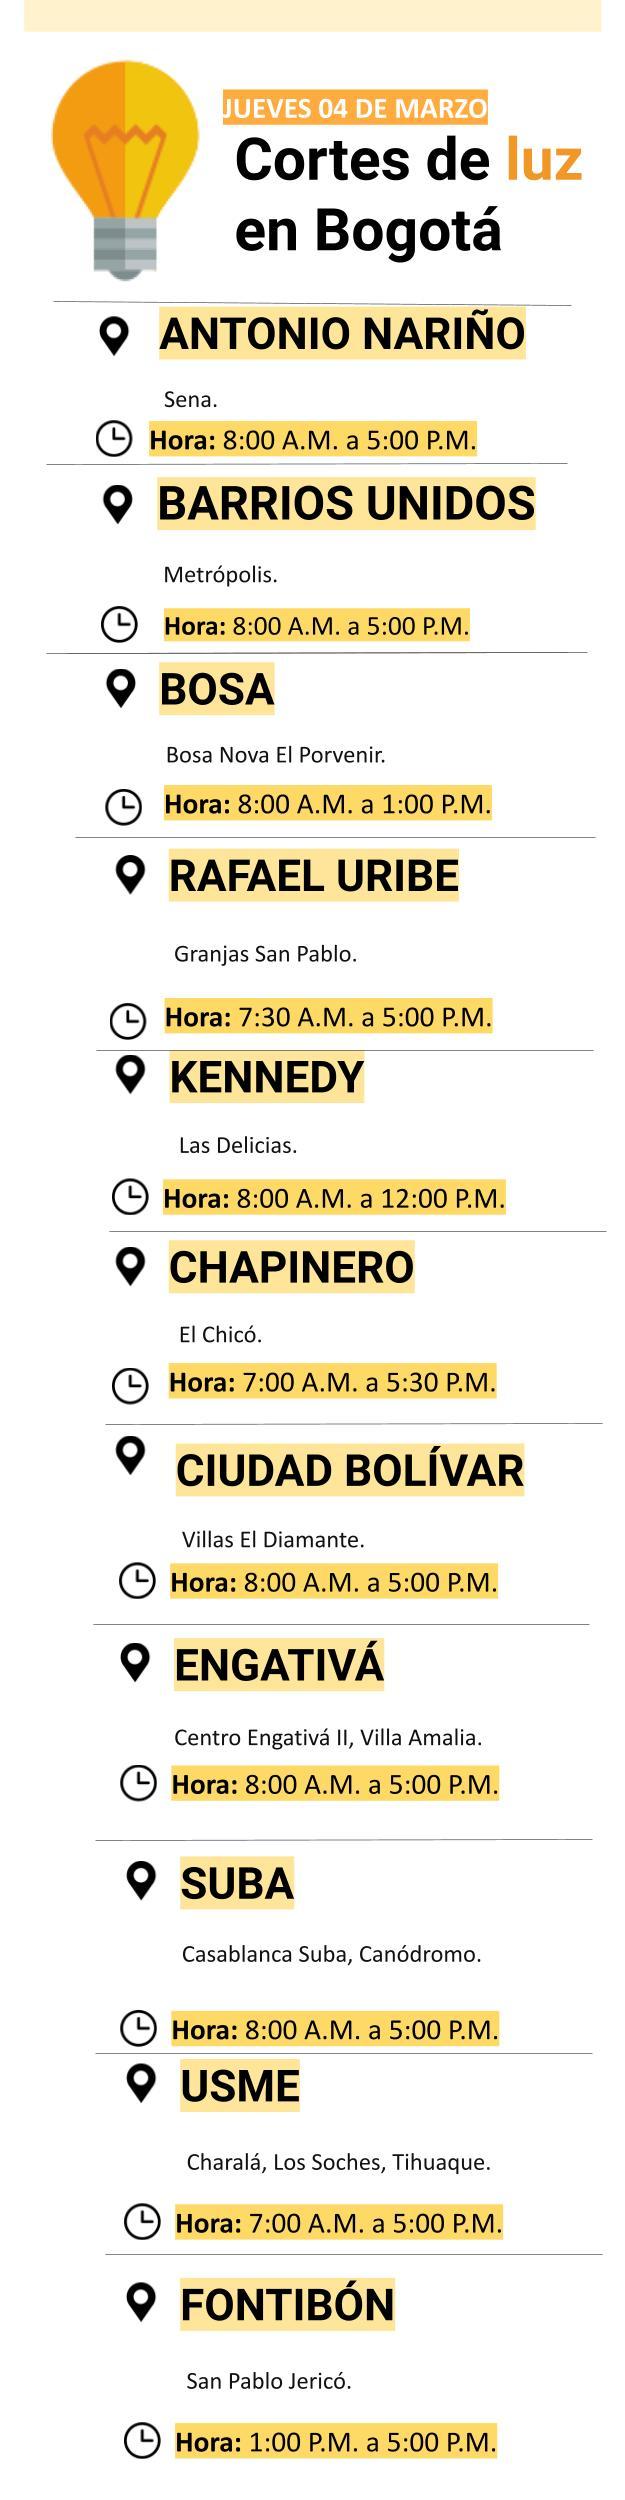 Cortes de luz en Bogotá para el jueves 04 de marzo